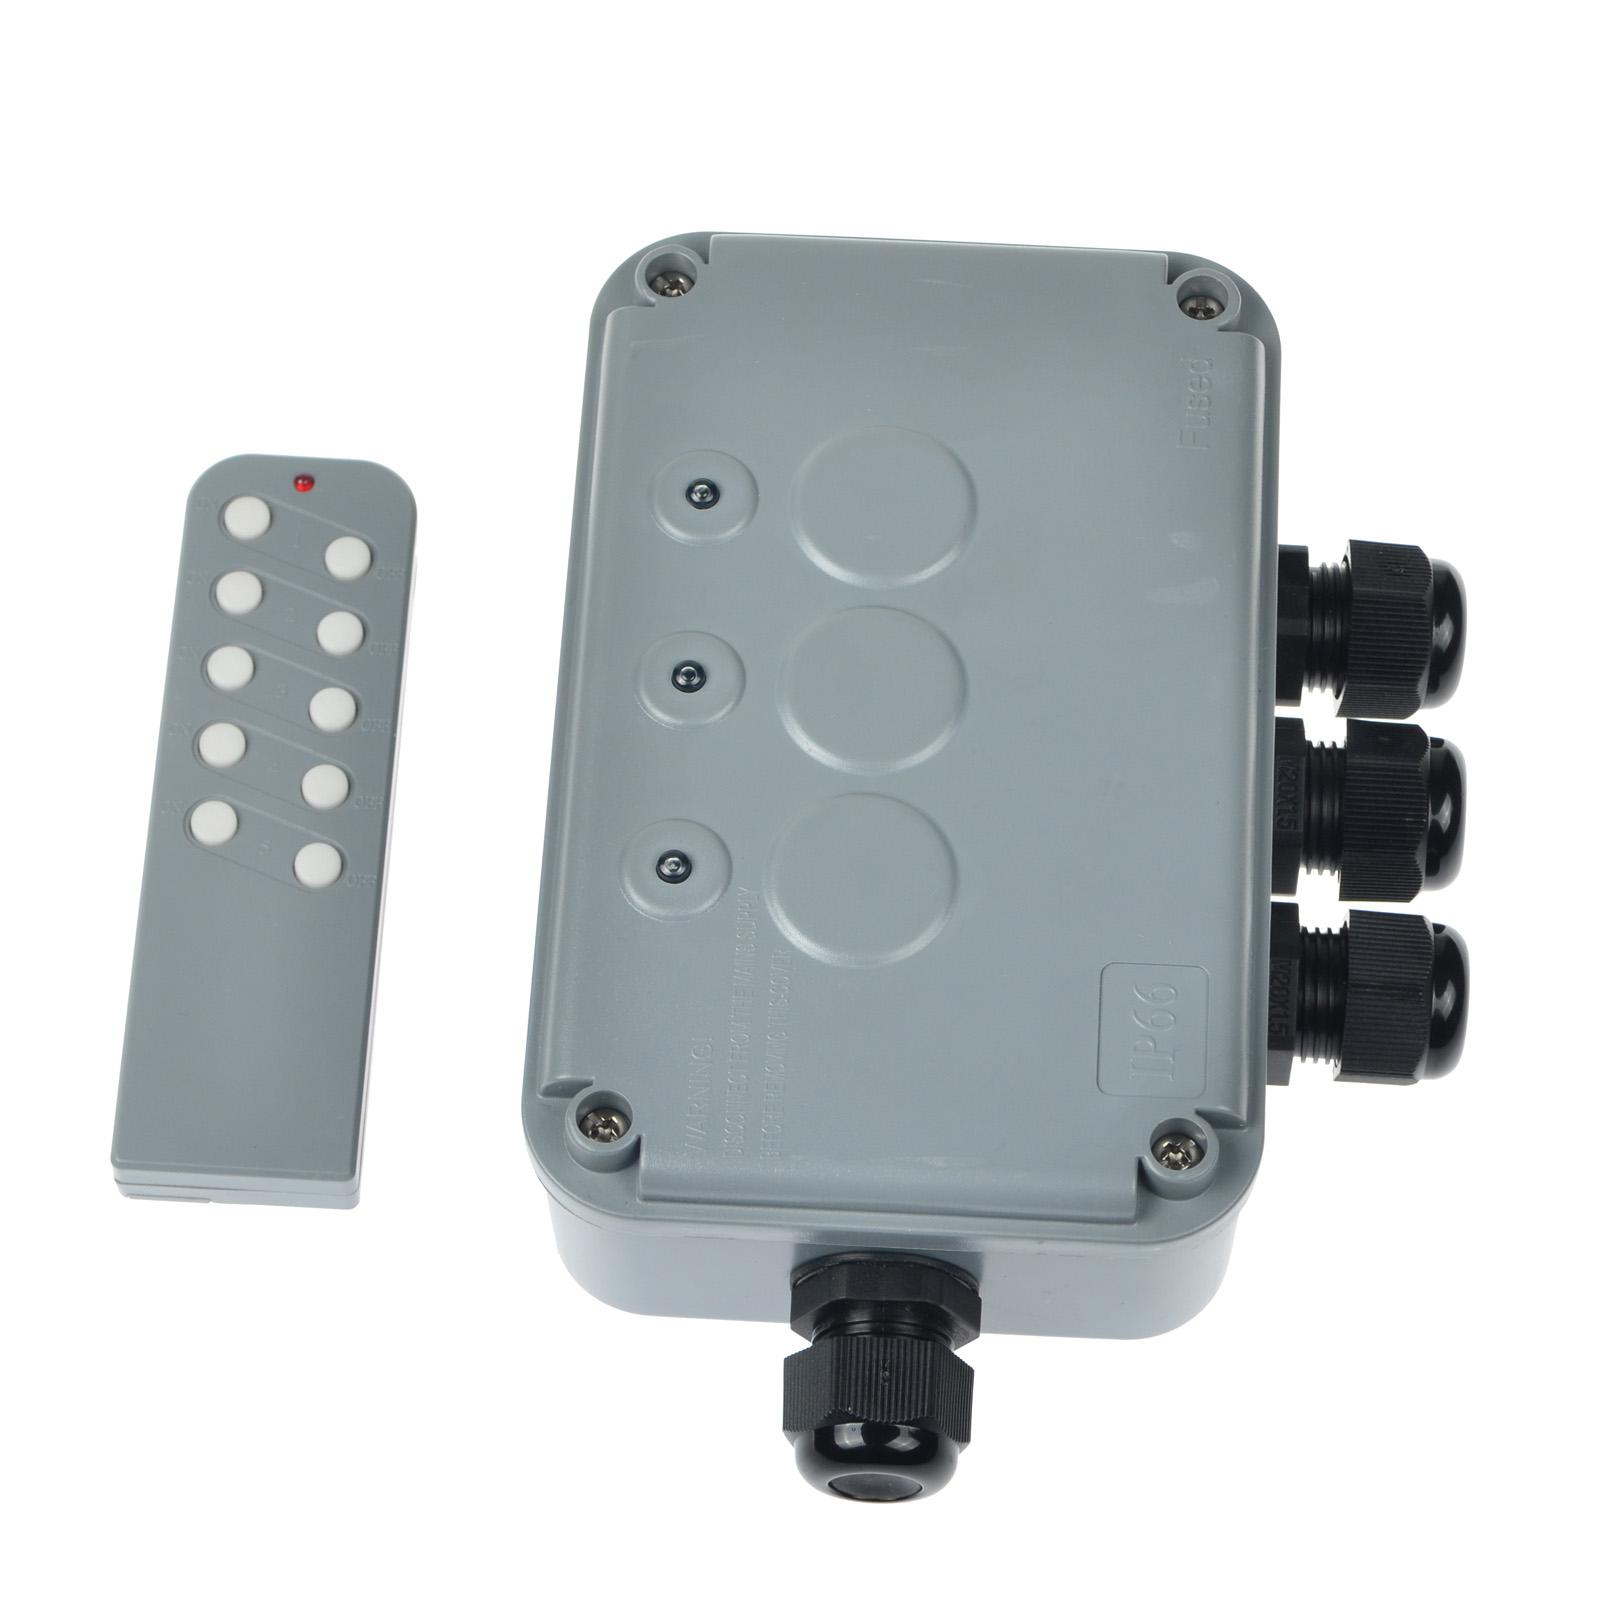 Weatherproof Exterior Outdoor Light Switch Garden 15 Amp IP66 Waterproof